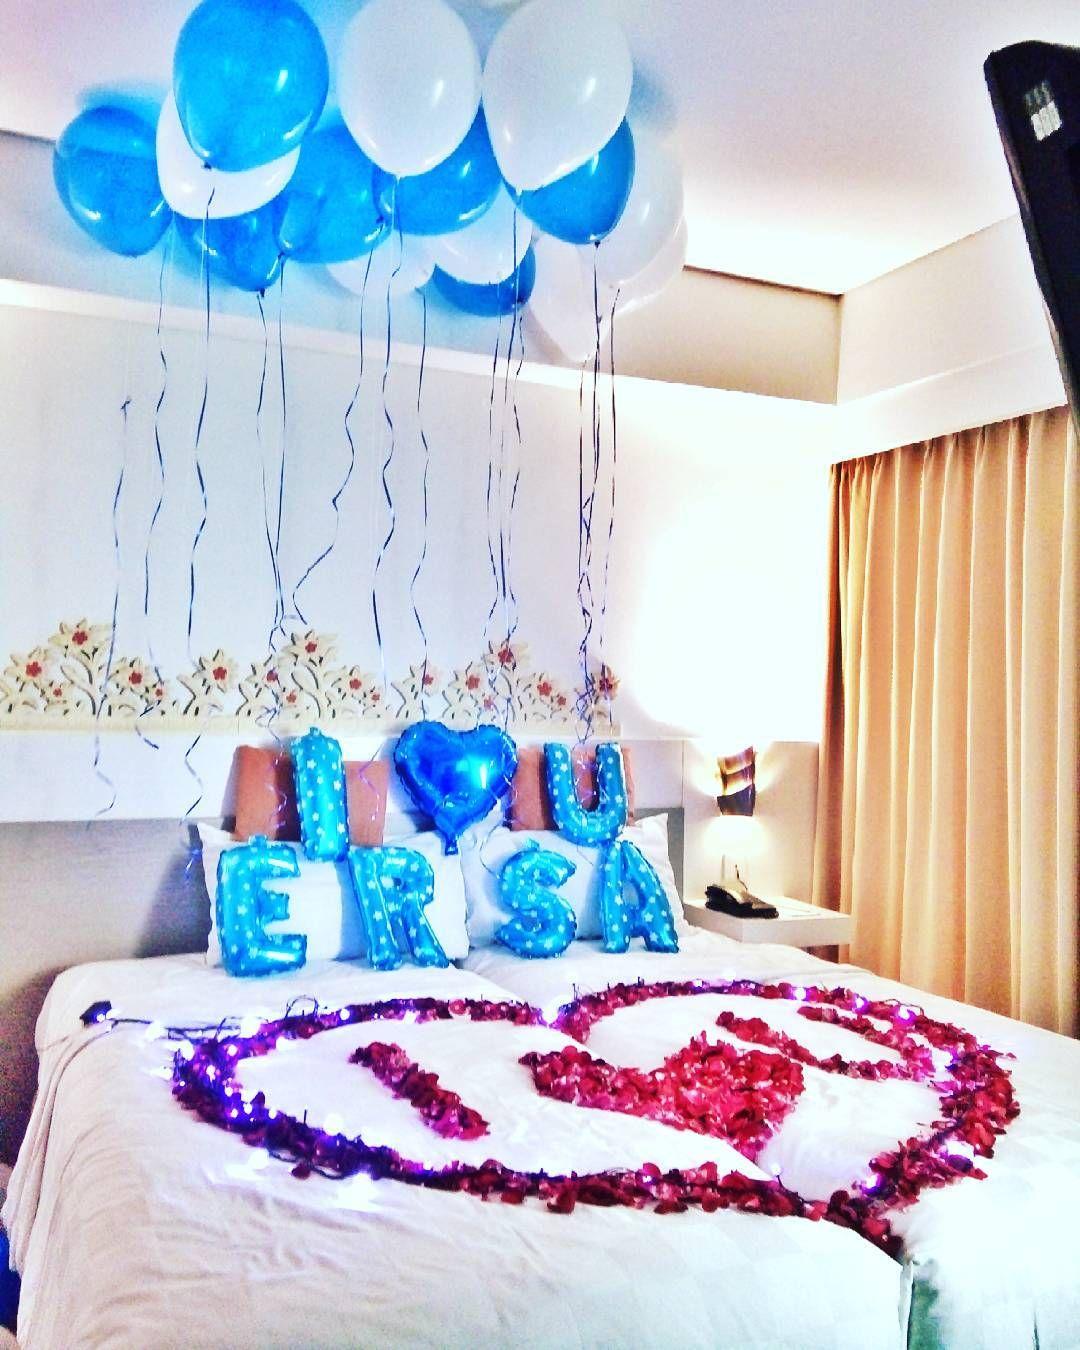 dekorasi ulang tahun di kamar hotel surprise untuk pacar